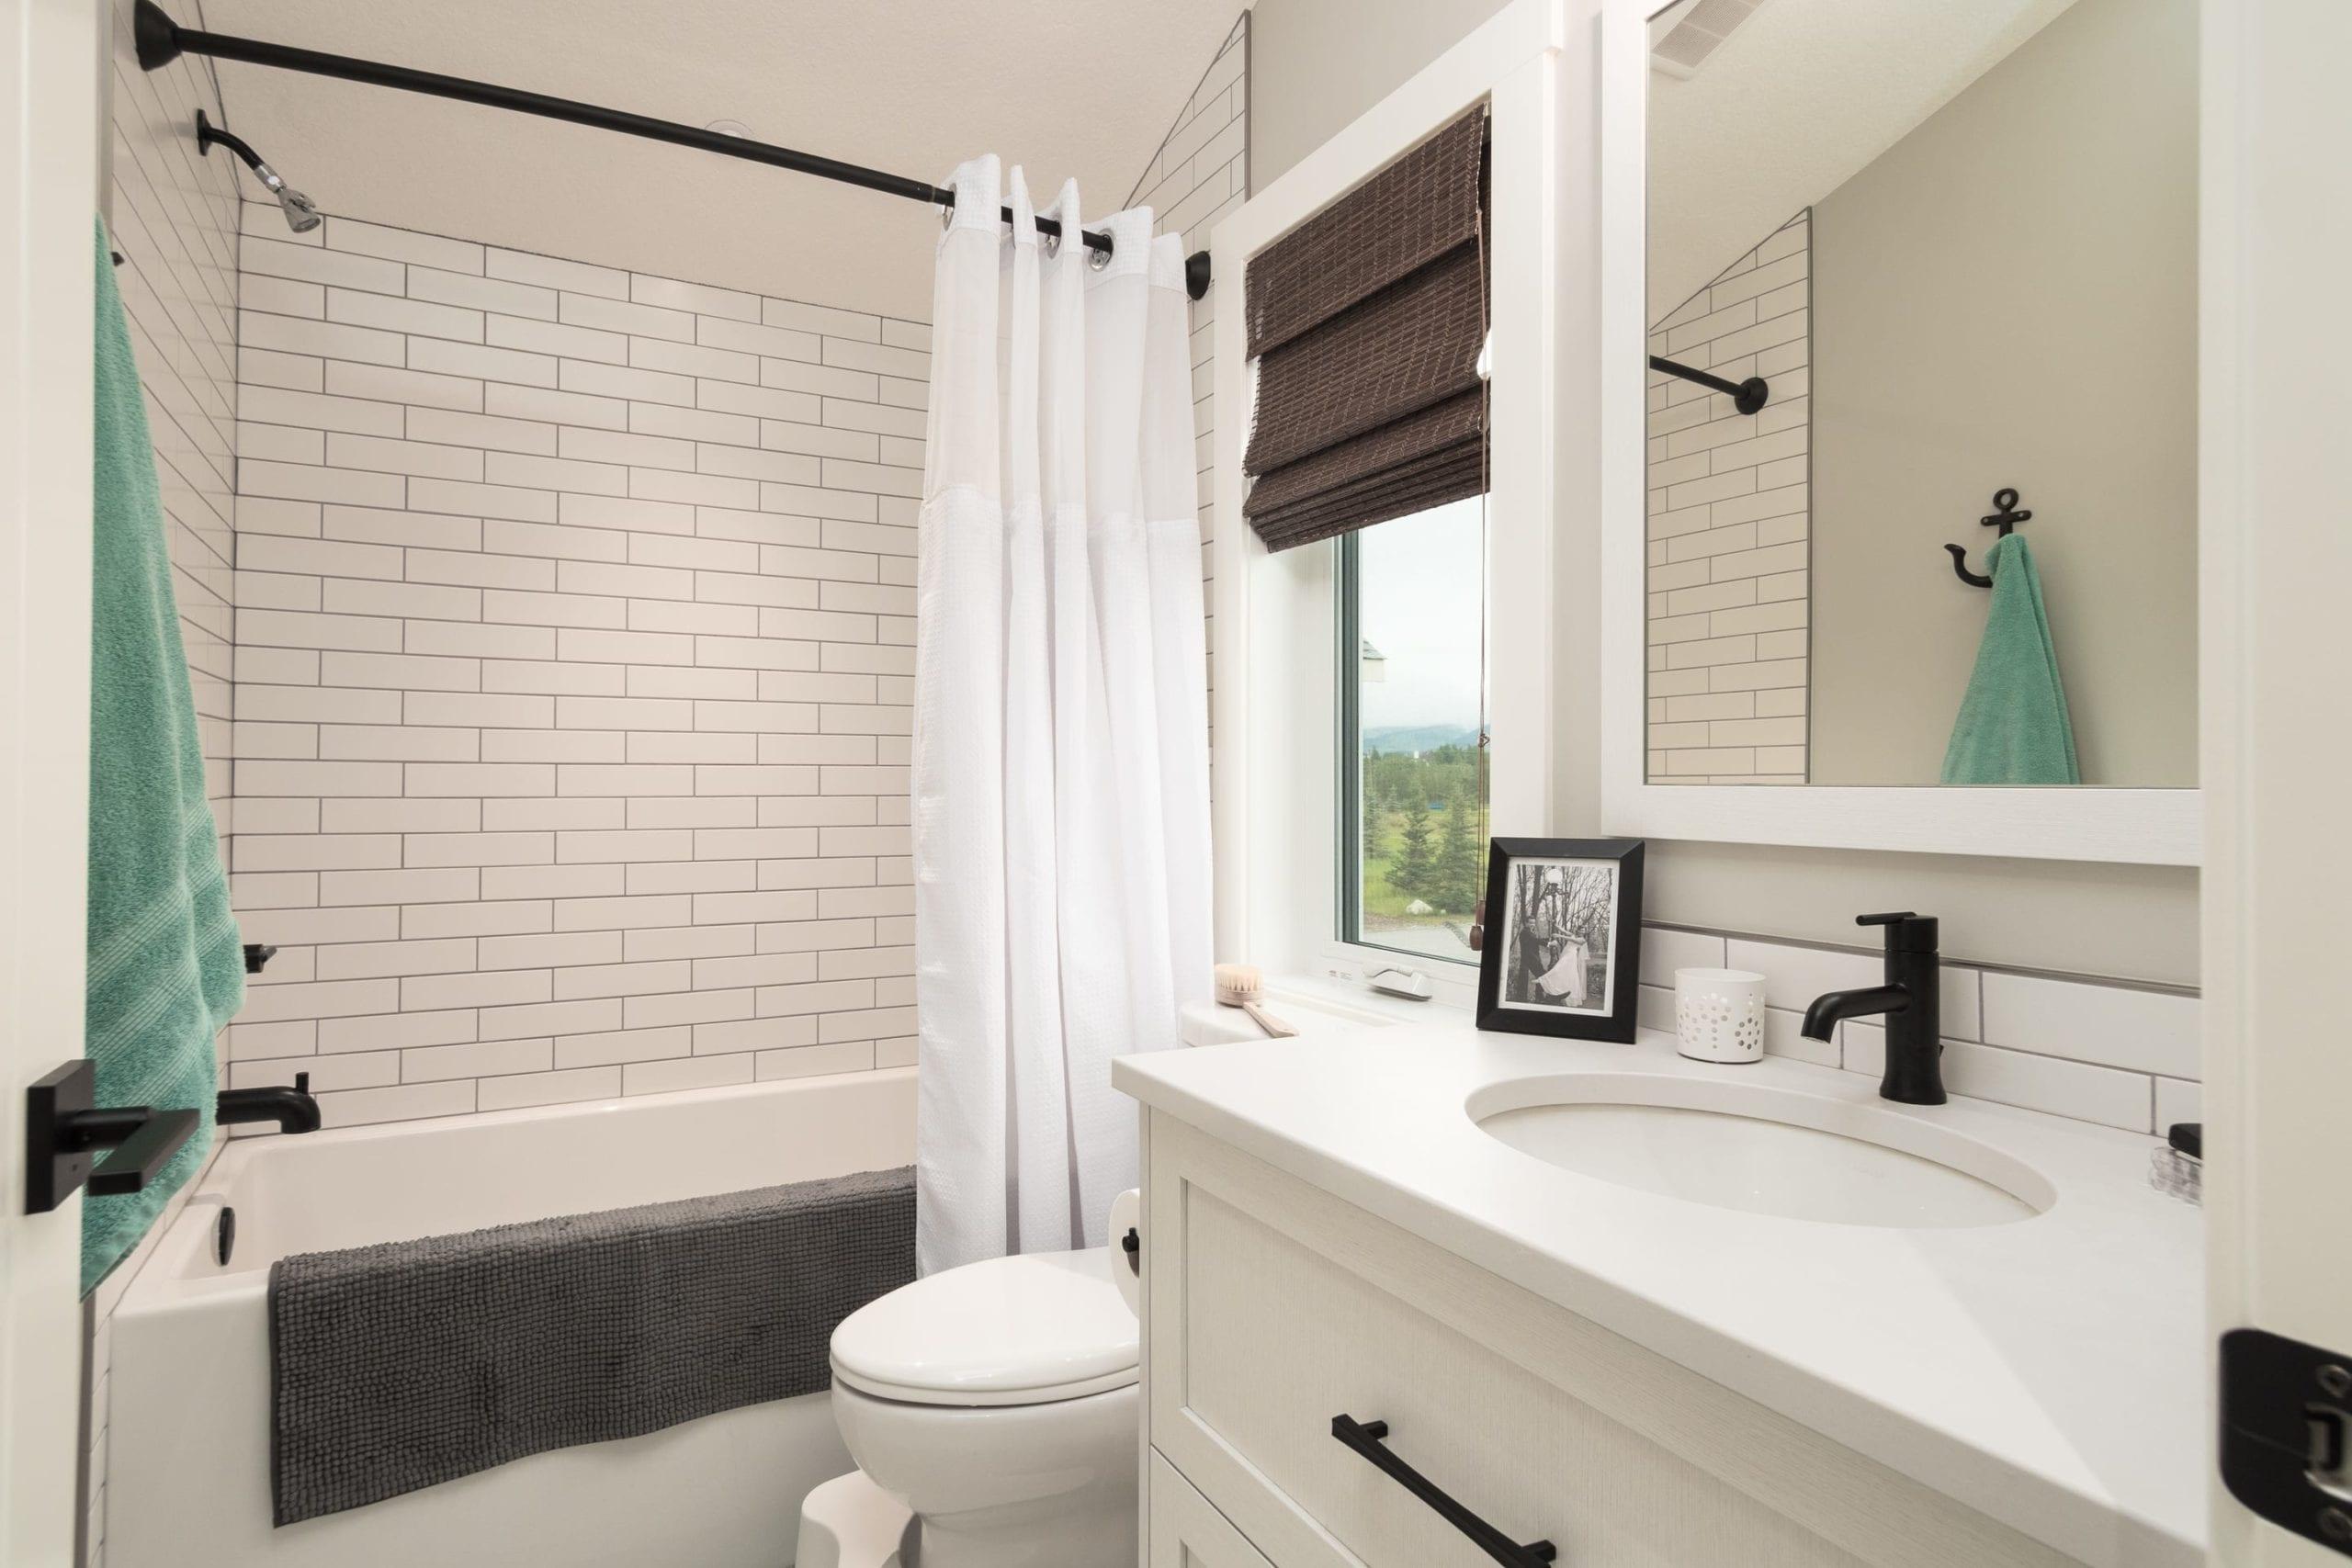 Hello Gorgeous - 302 Cottage Club Way - Tara Molina Real Estate (18 of 43)